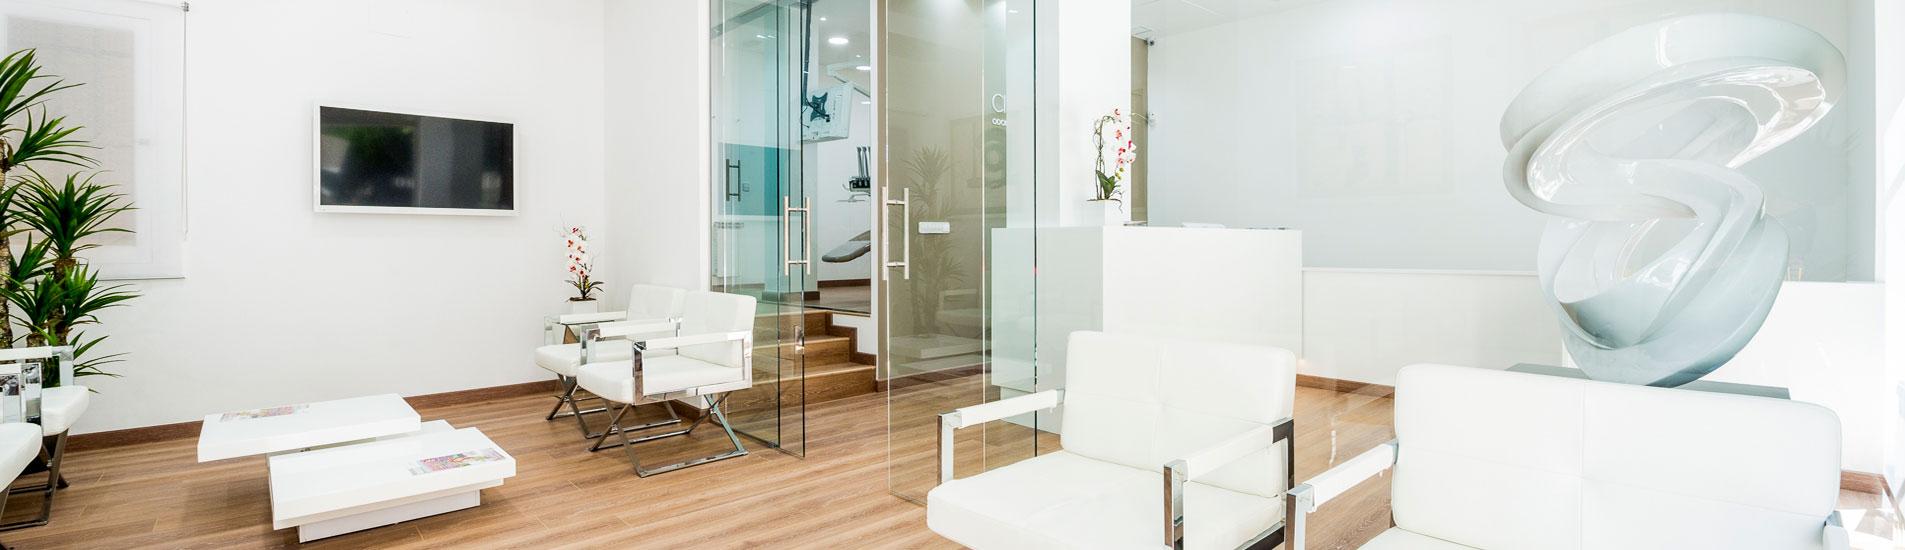 Diseño y confort en nuestros espacios